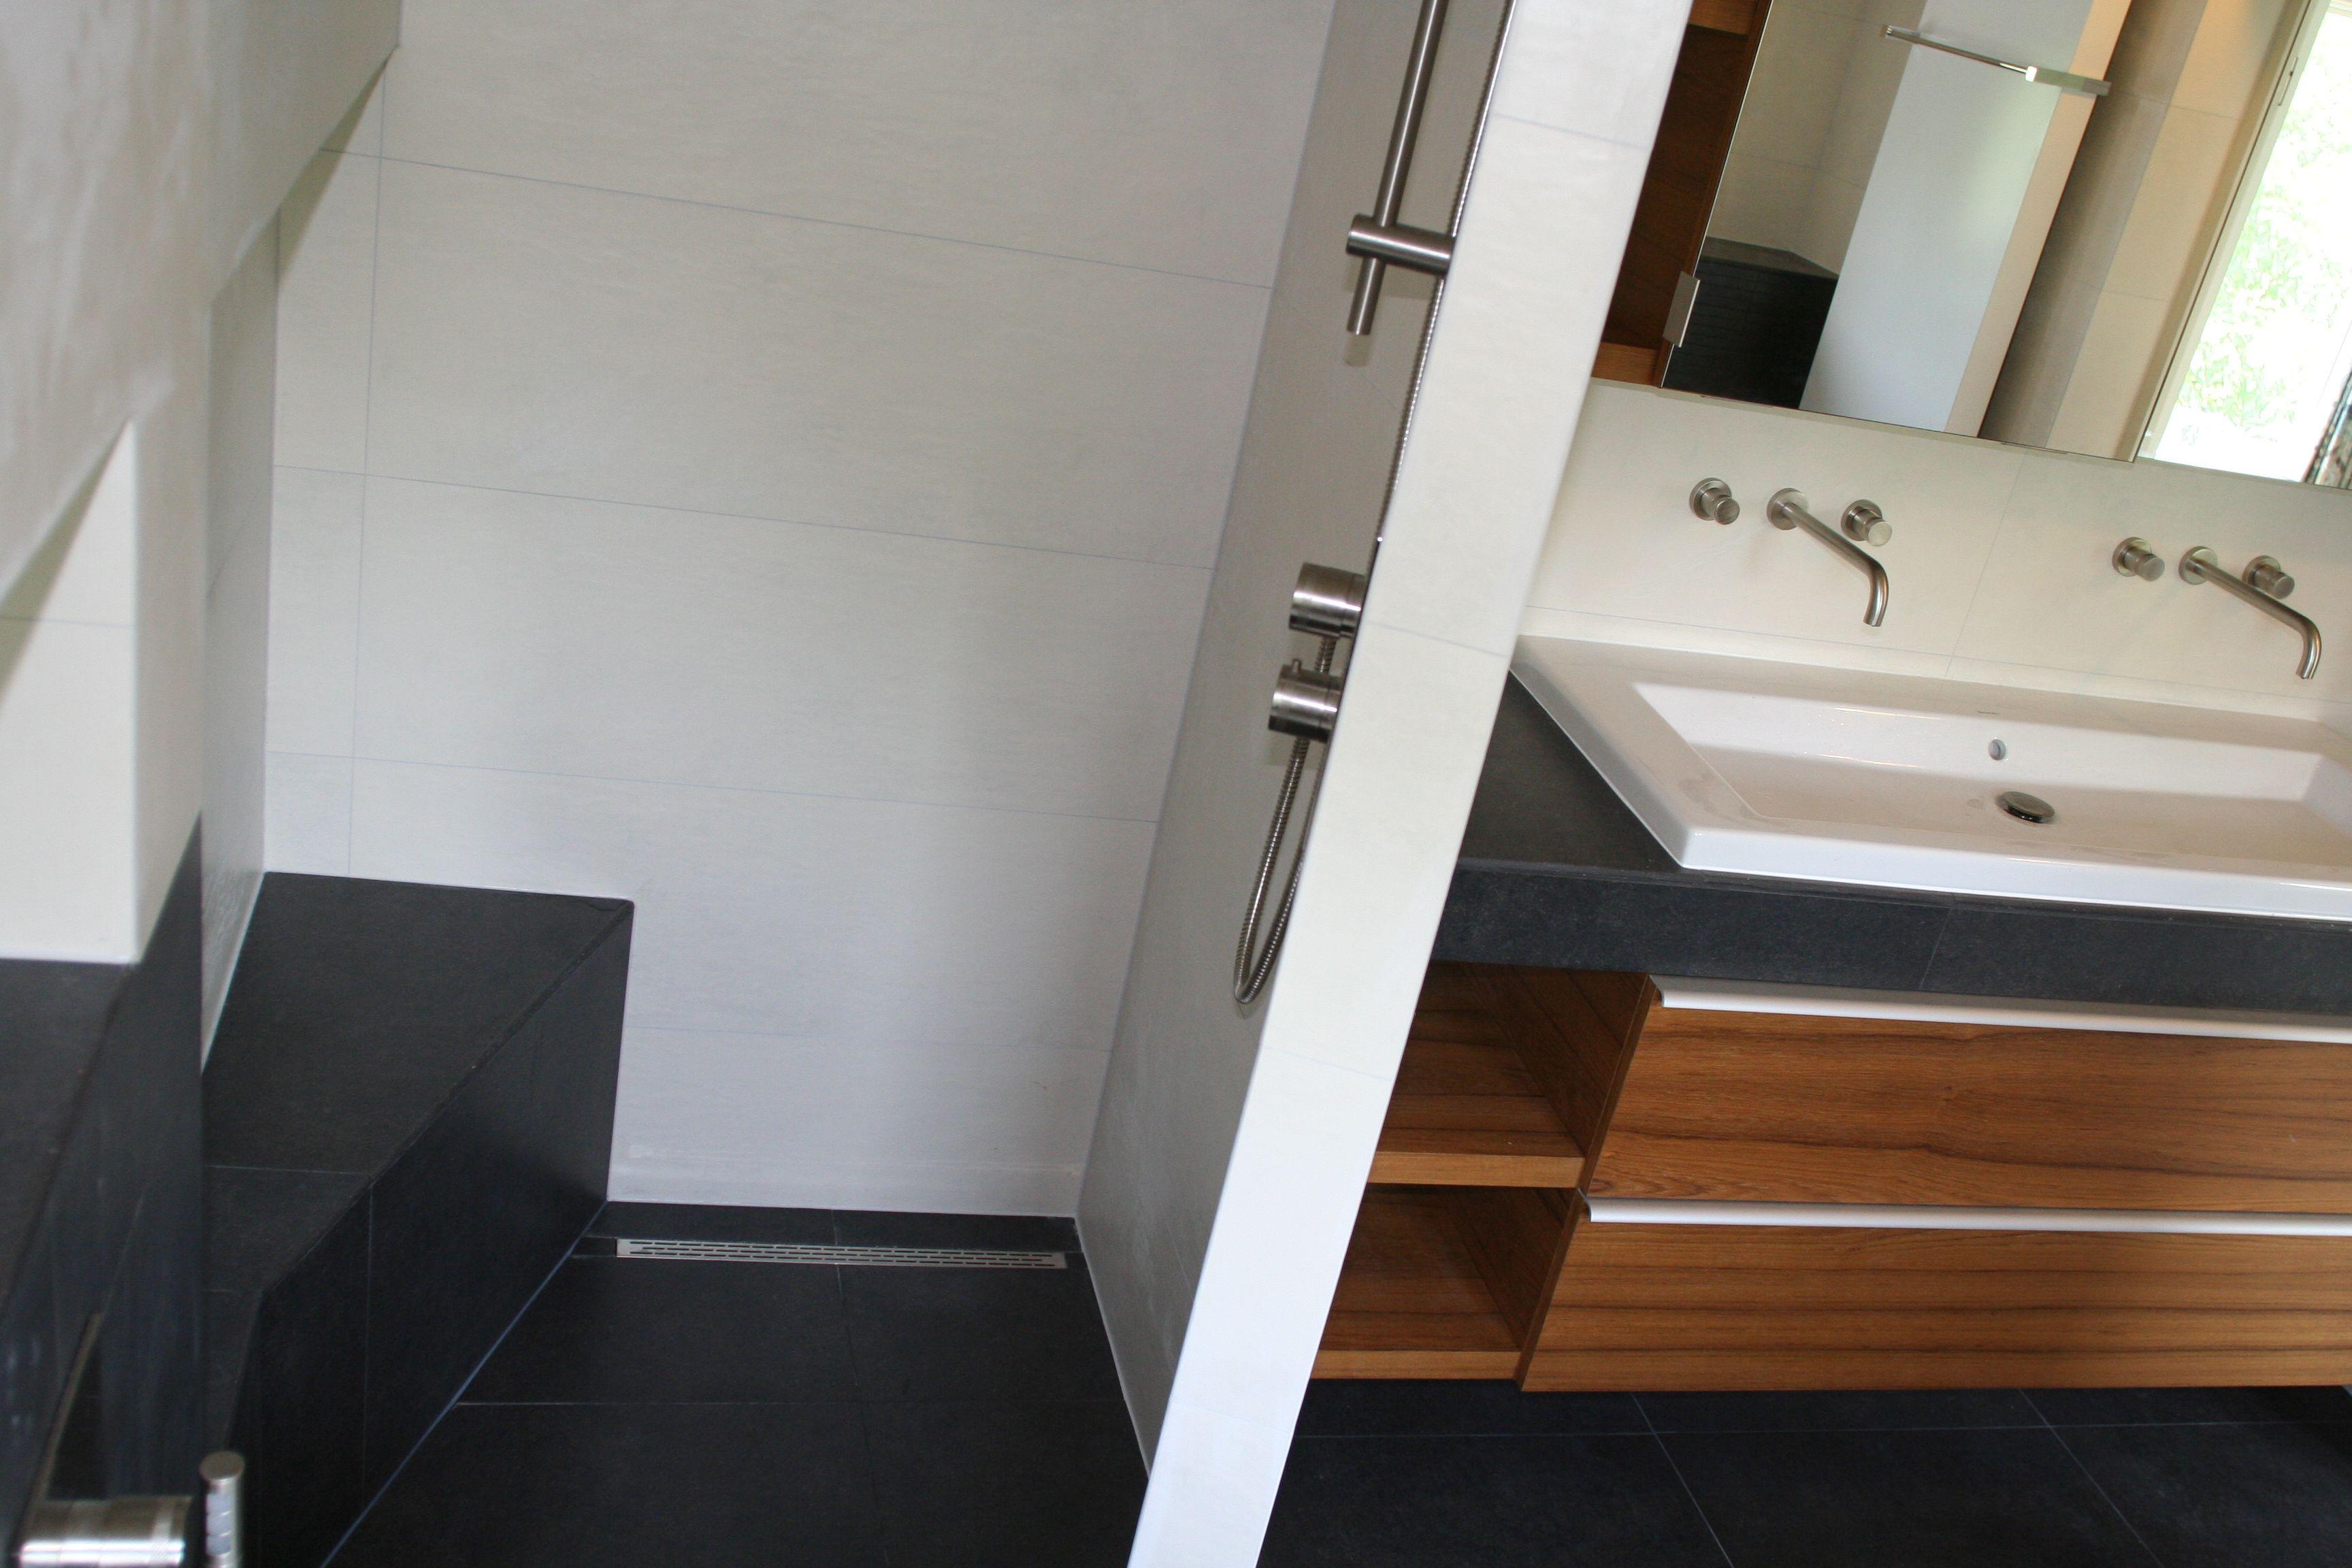 moderne badkamer met inloopdouche badkamer ideeà n bathroom